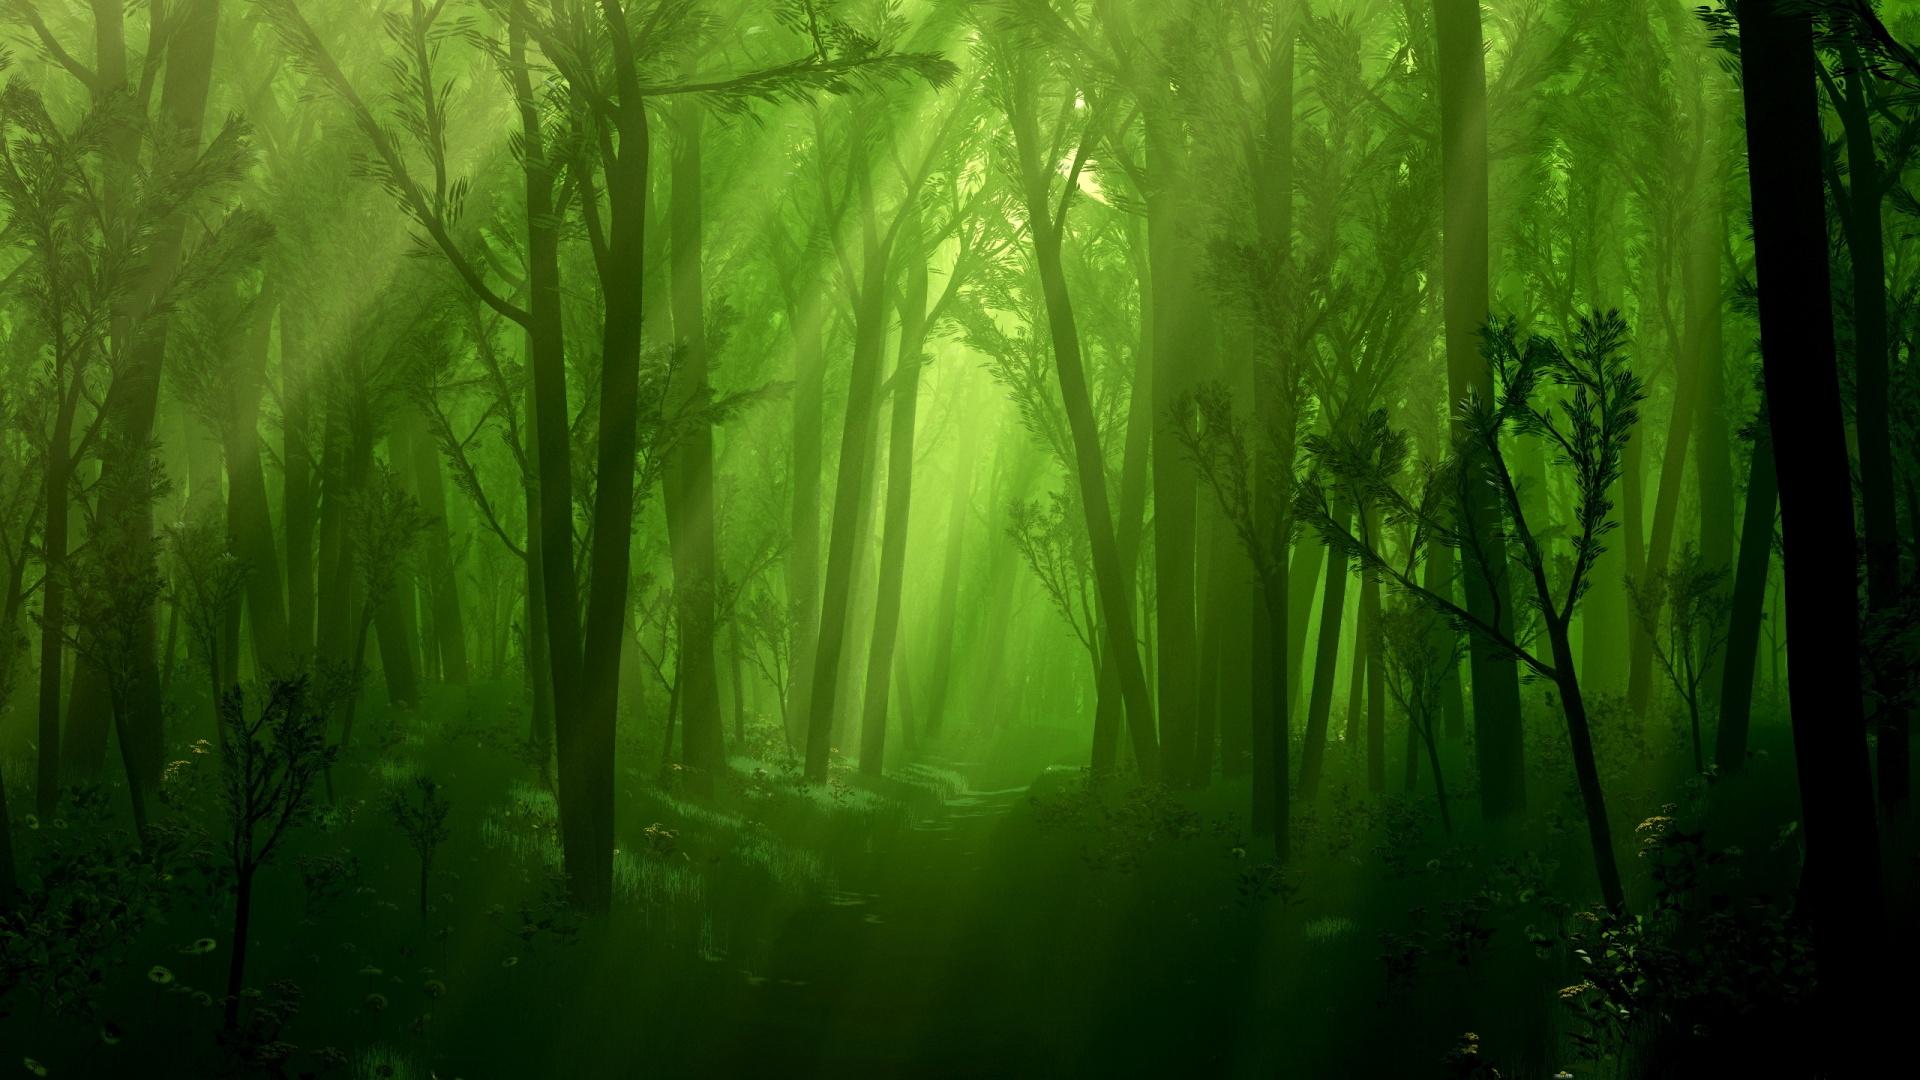 forest wallpaper green